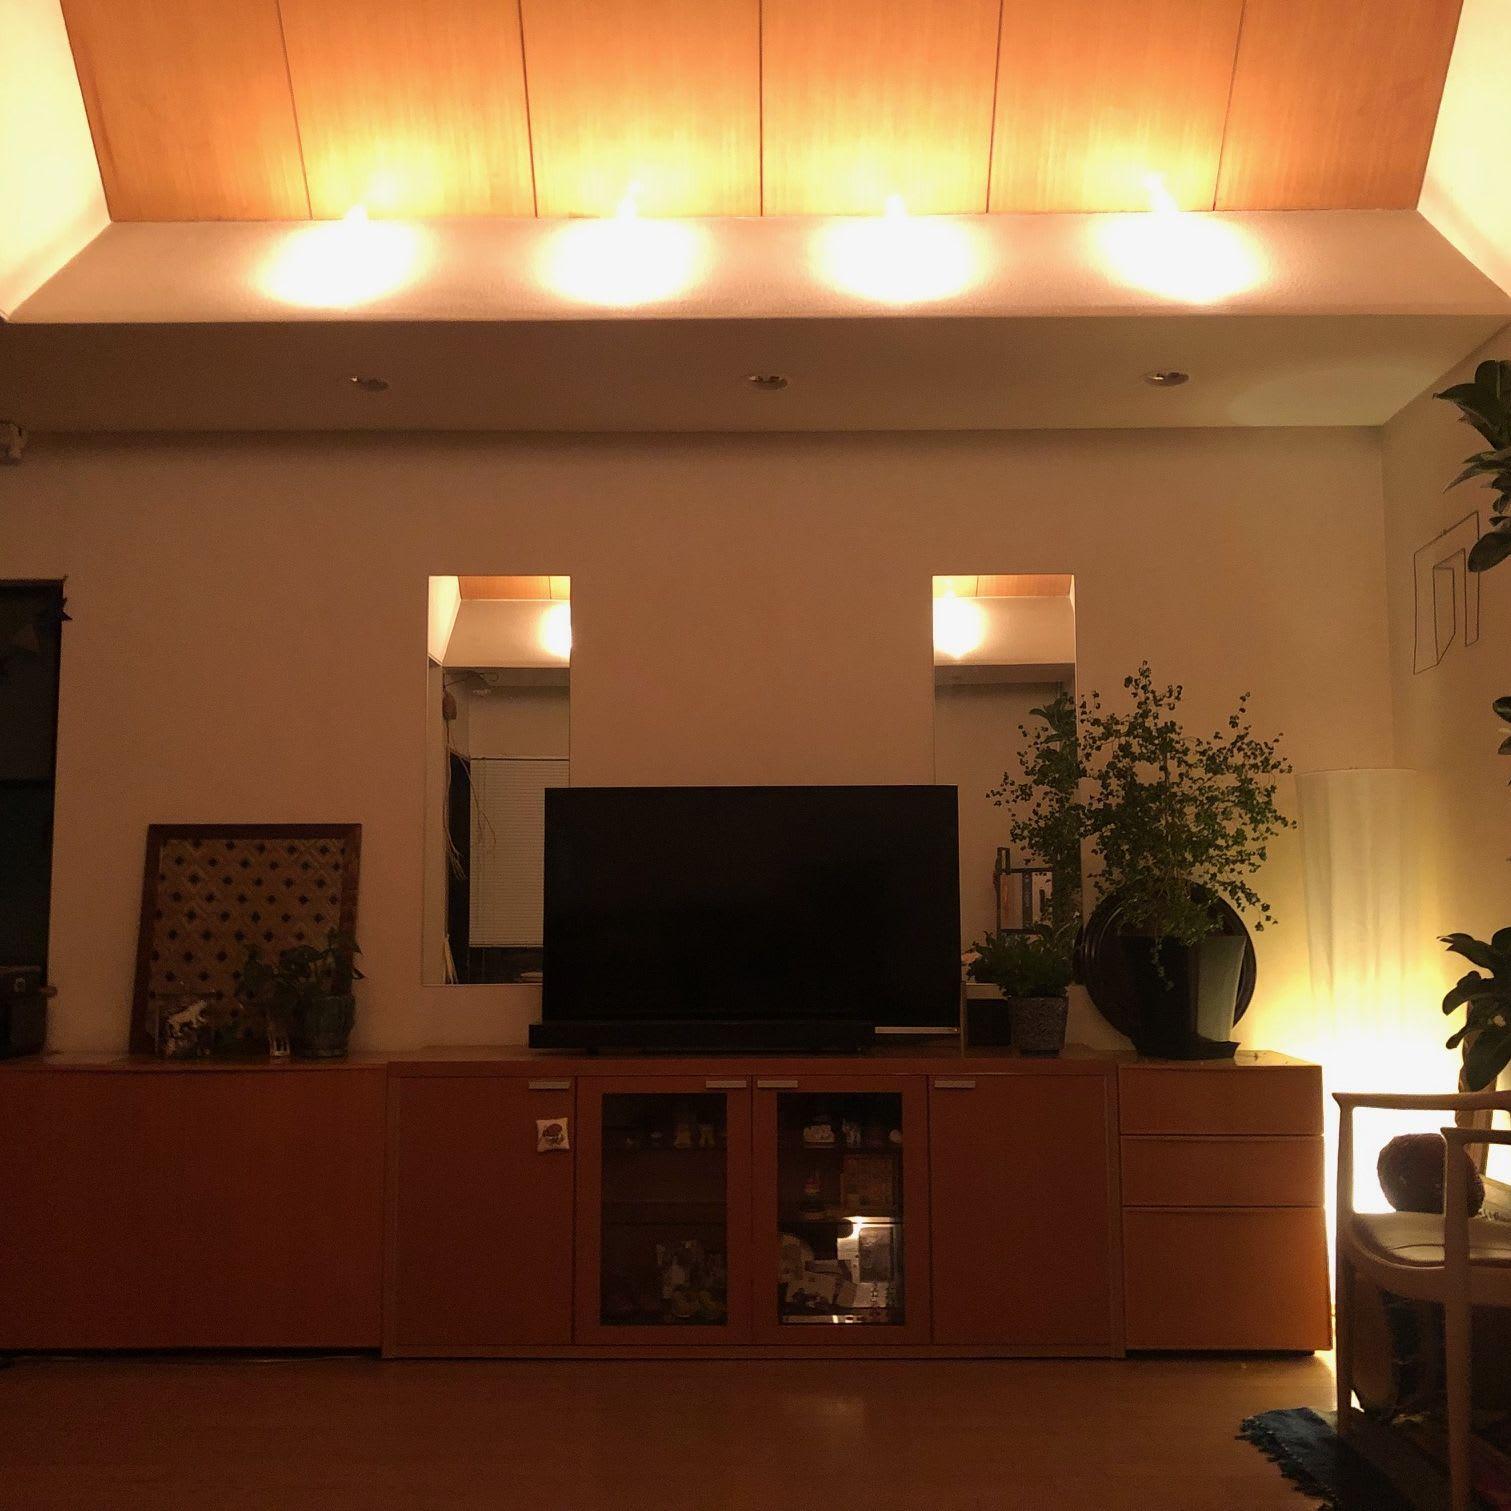 照明でおしゃれに変わる!お部屋に心地よい灯りと美しさを